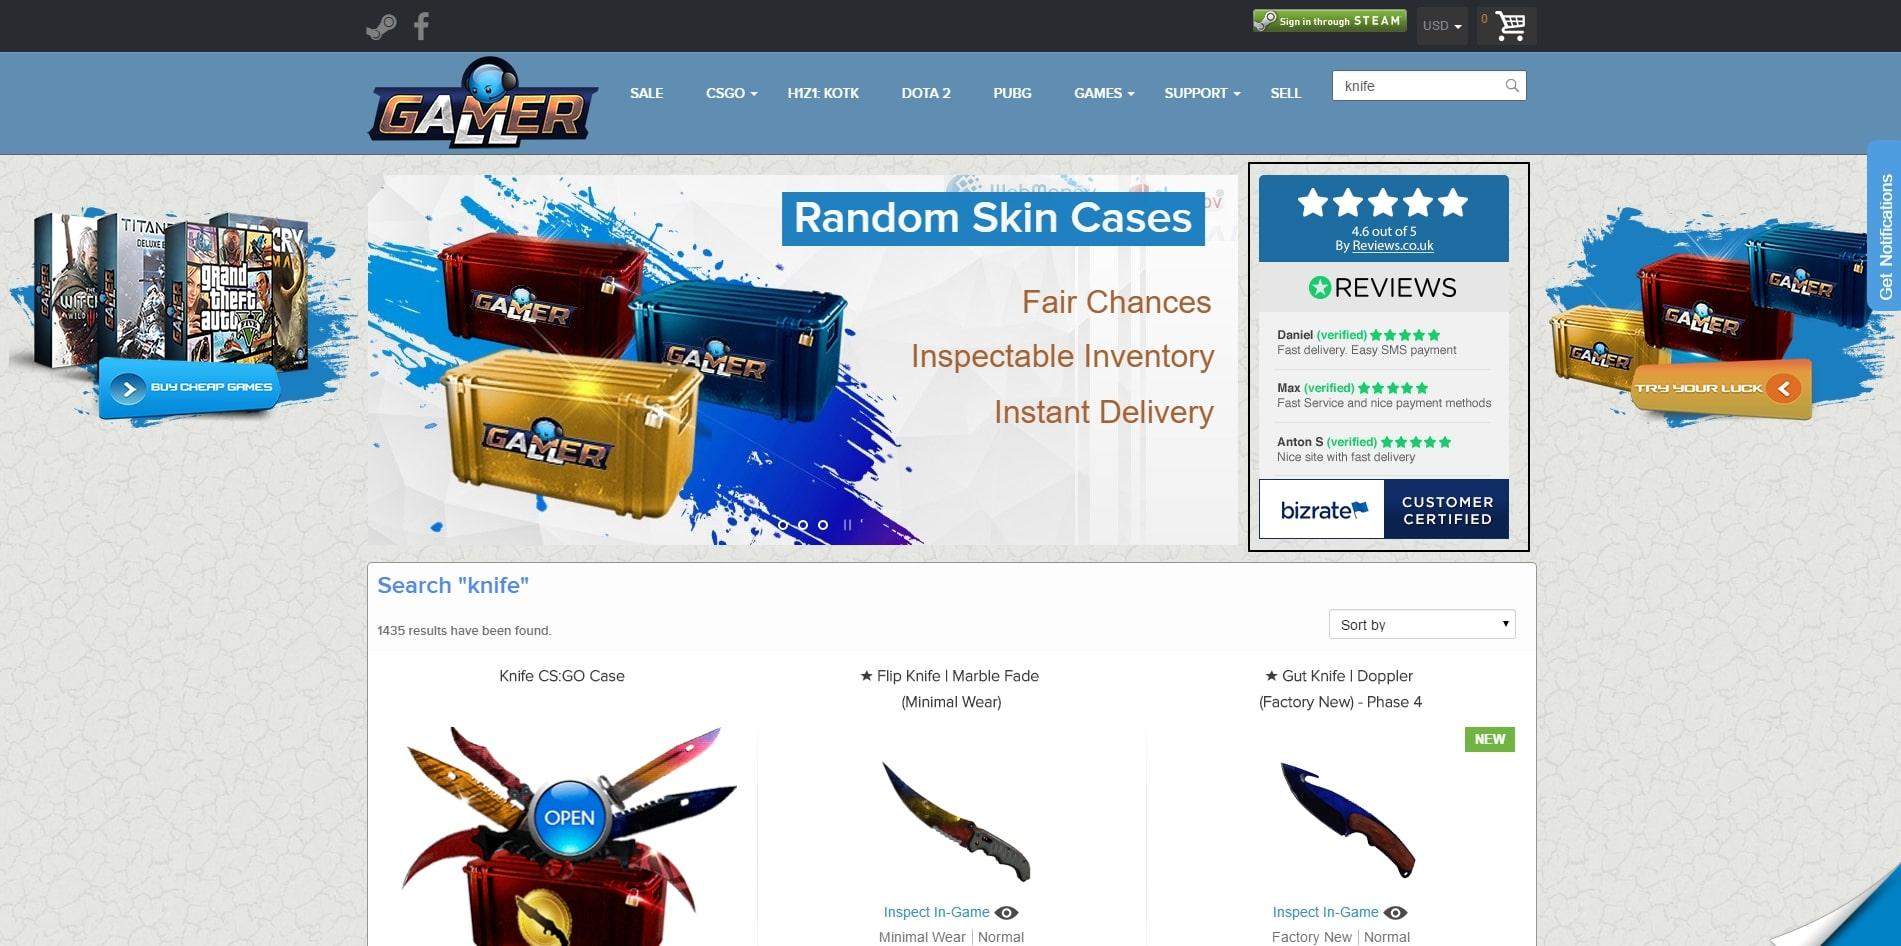 Our Prestashop Work: GamerAll.com